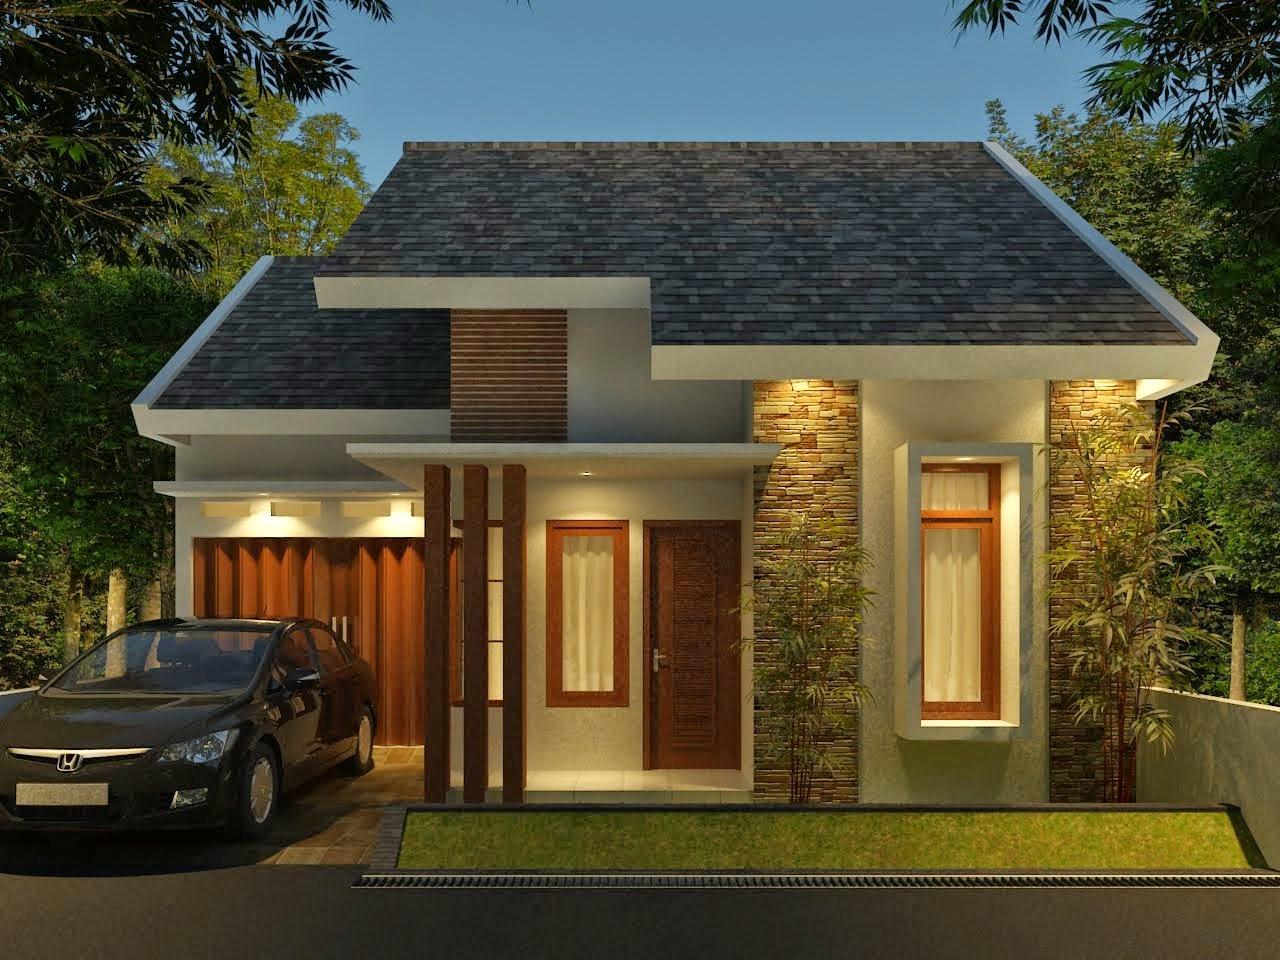 Desain Eksterior Rumah Minimalis 1 Lantai Interior Exterior Depan